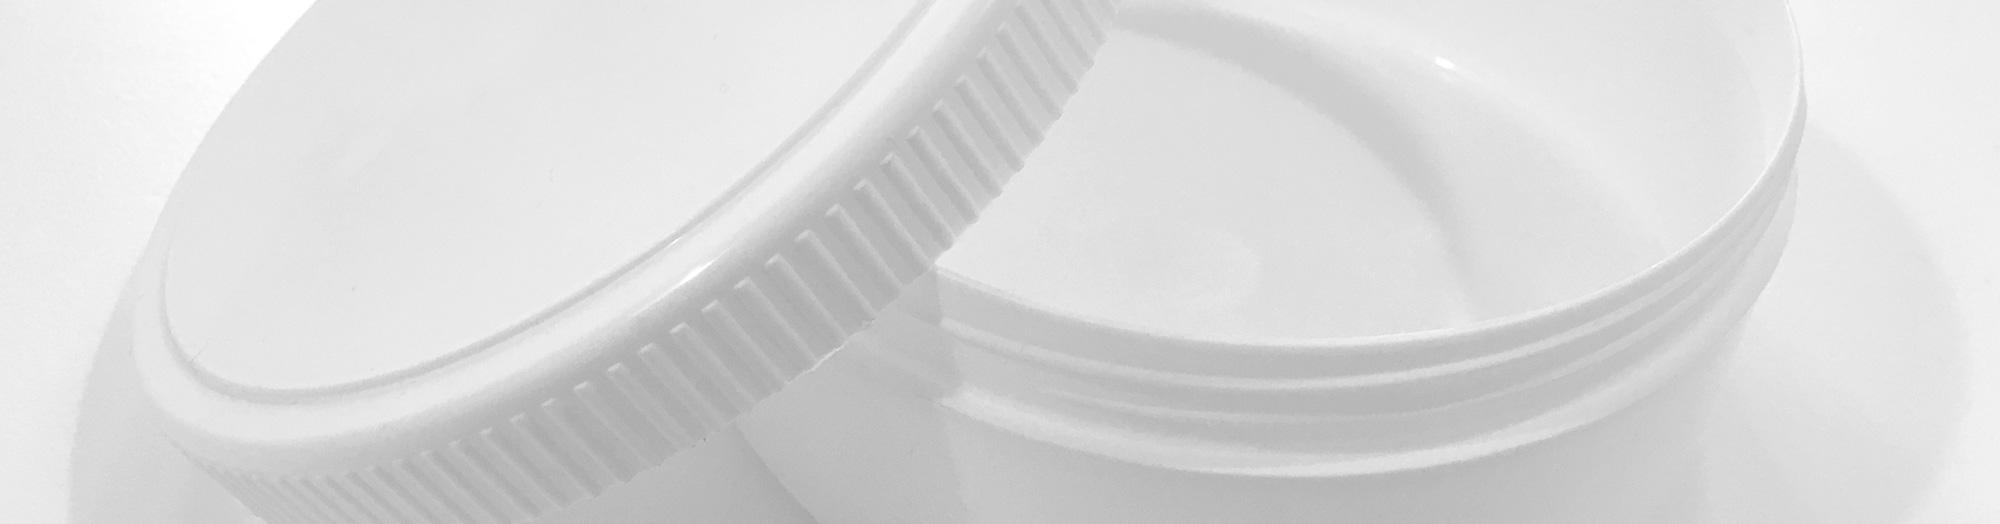 Plastiplast Kunststoffdosen mit Schraubdeckel Serie SDO